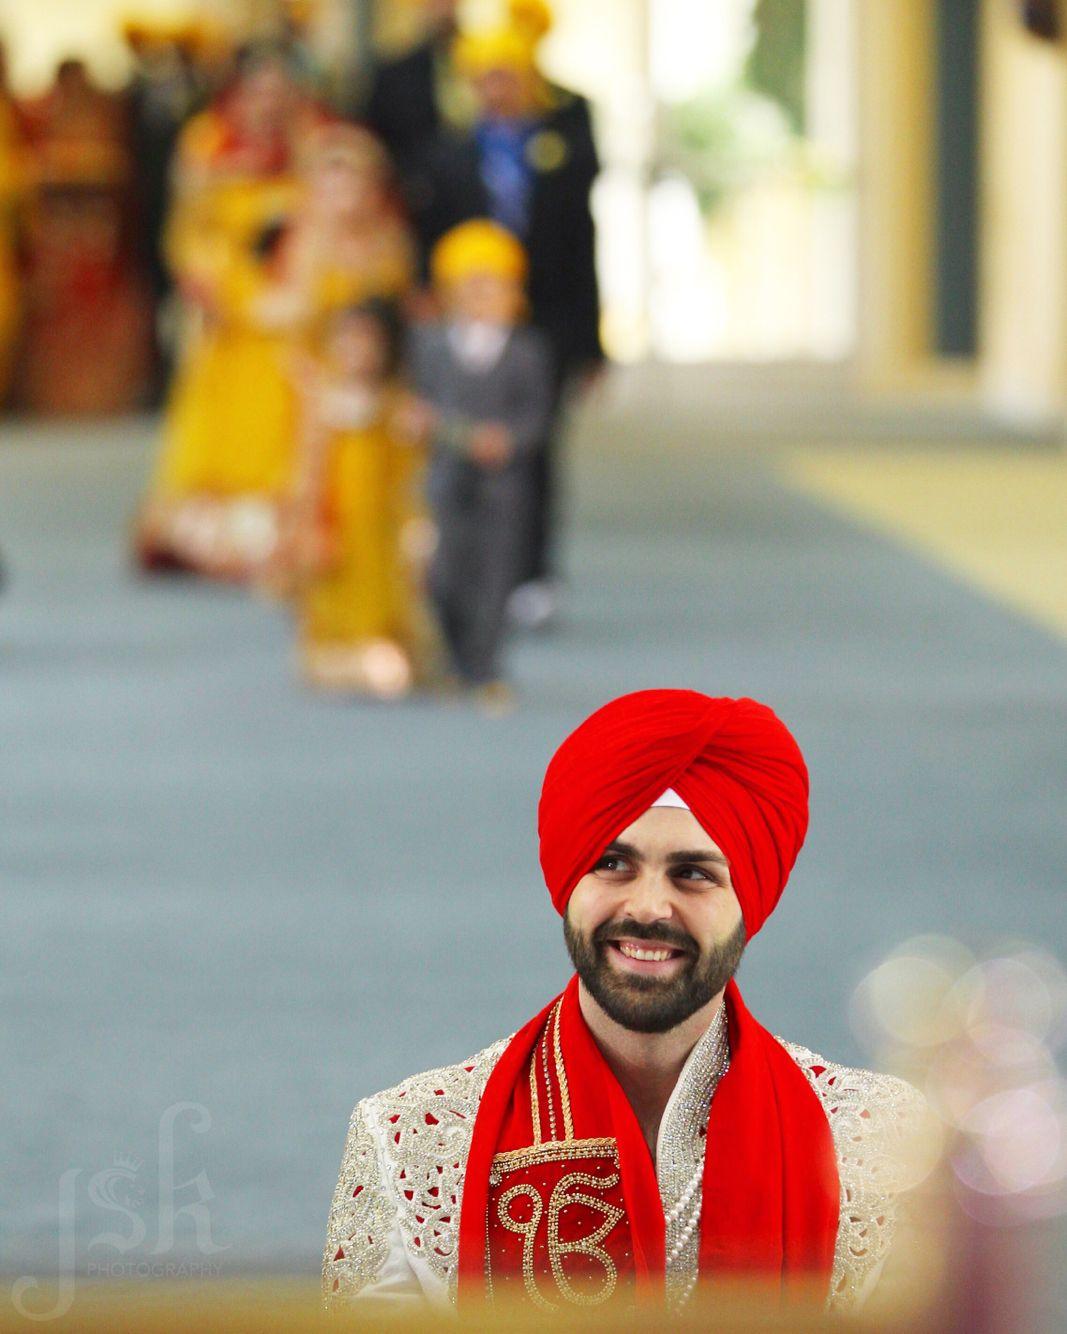 Wedding candid moments. Indian wedding photography